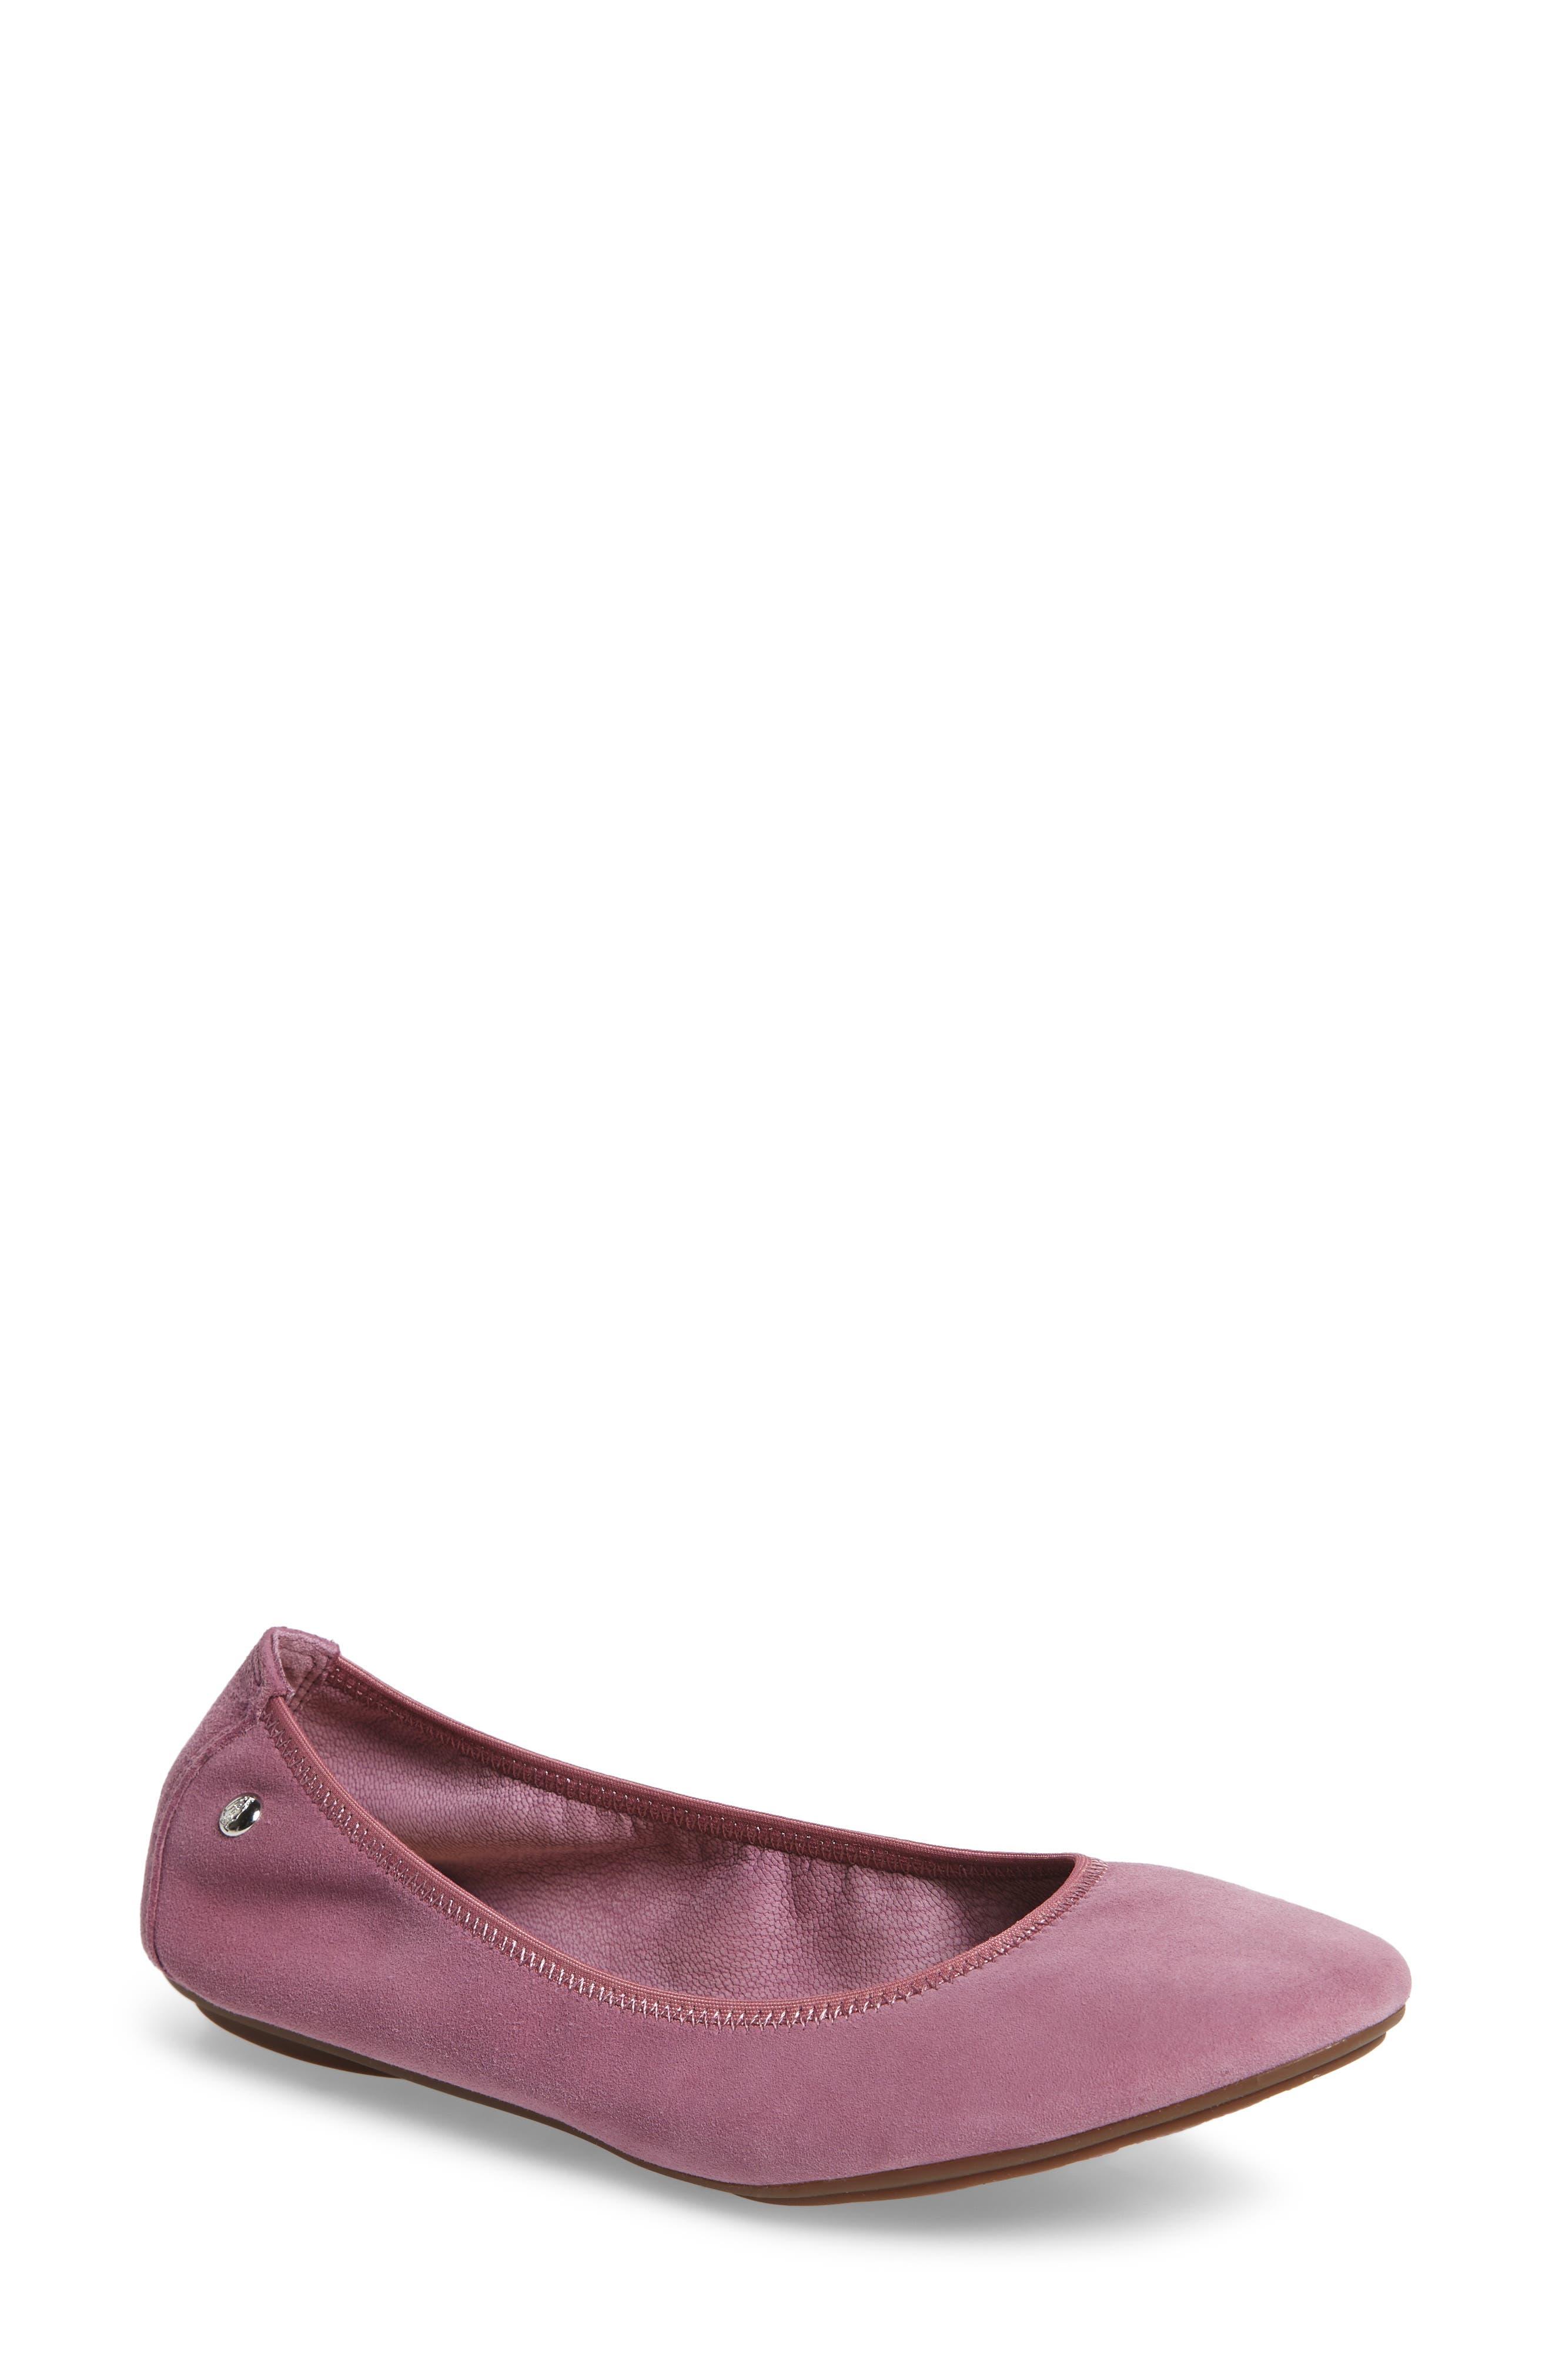 Main Image - Hush Puppies® 'Chaste' Ballet Flat (Women)